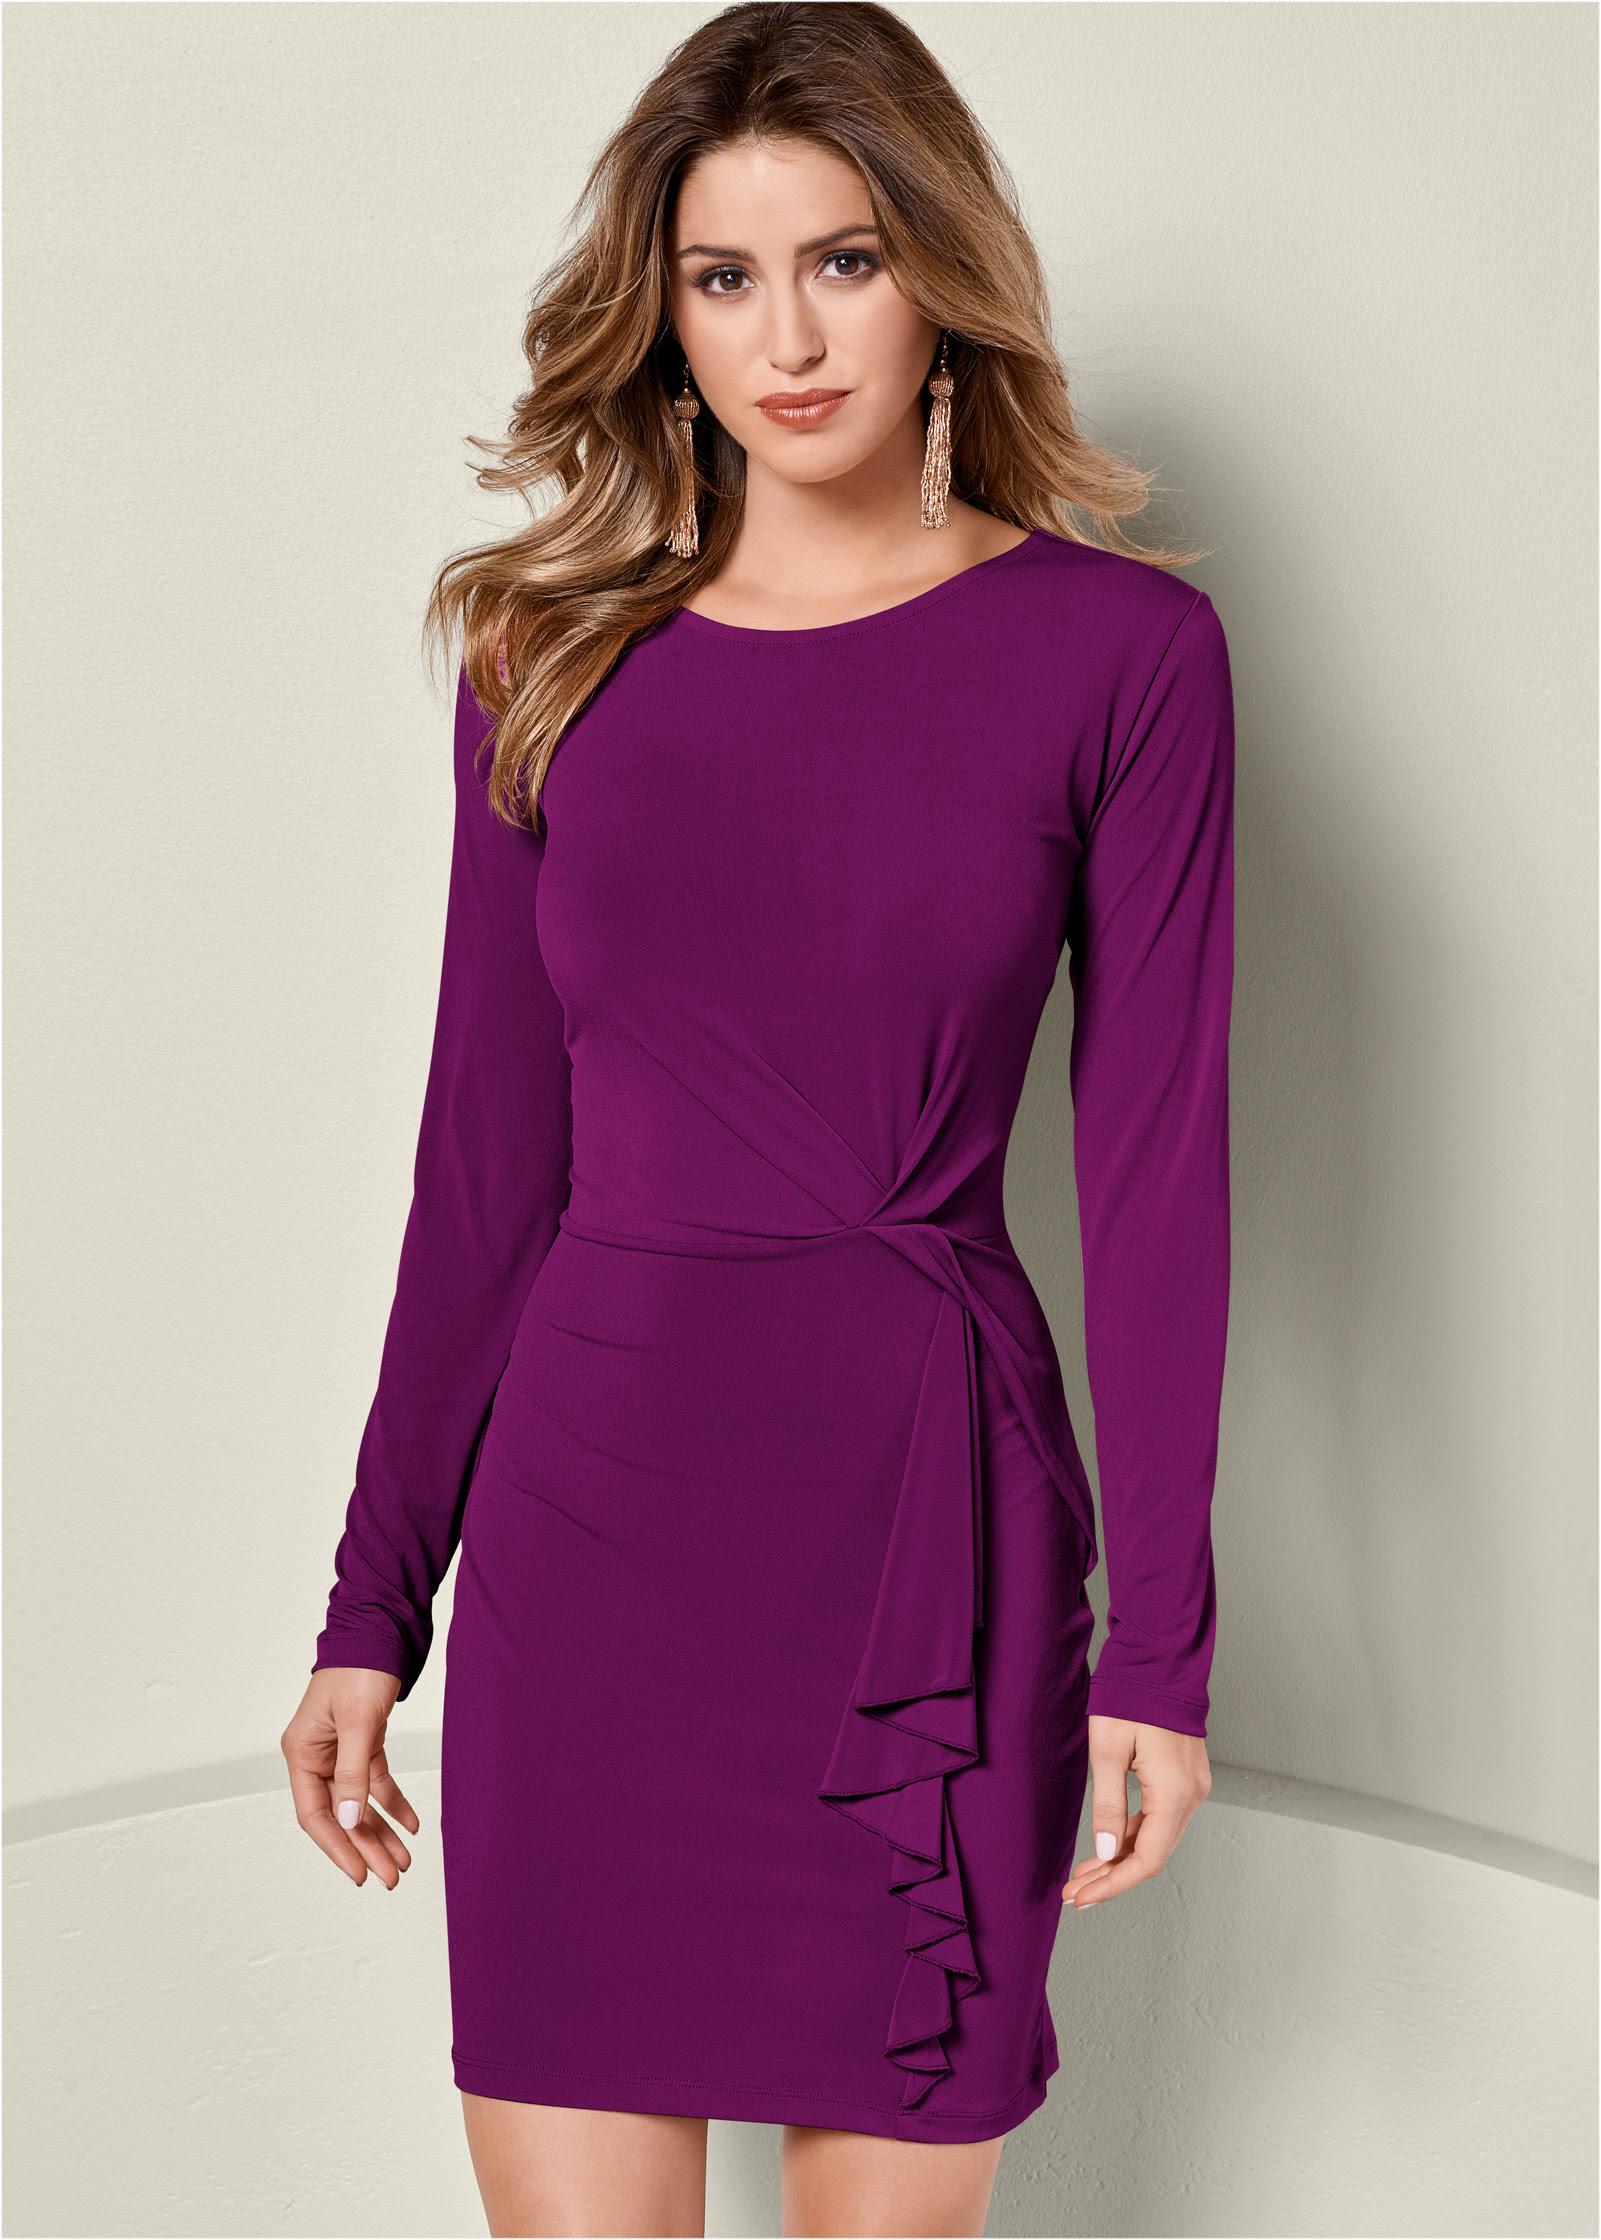 Long venus detail dress dress ruffle sheer